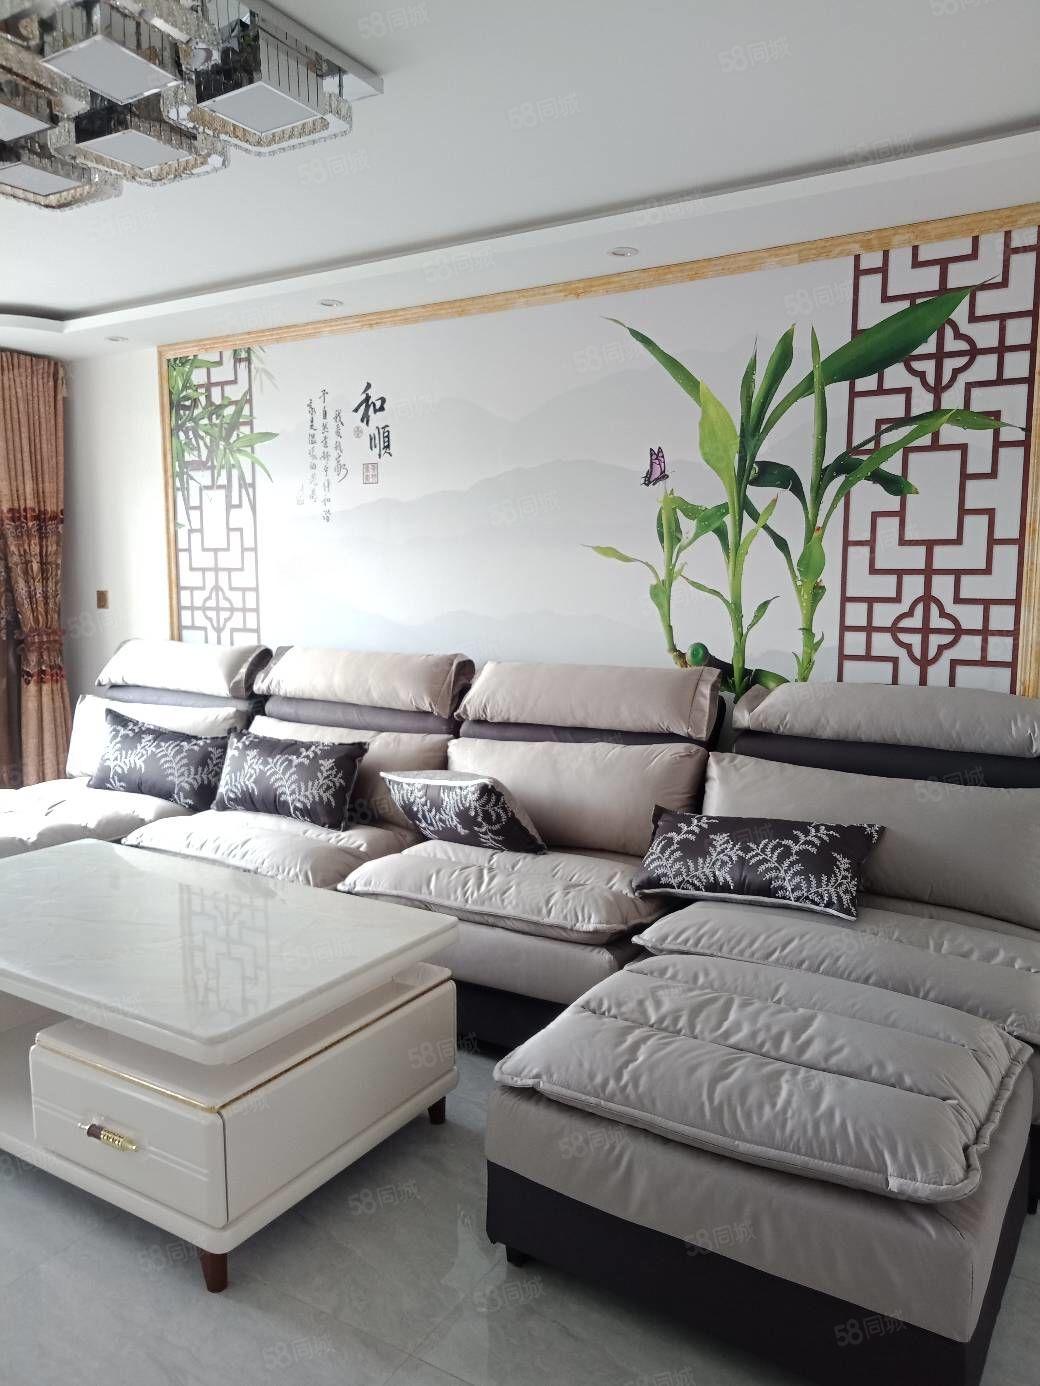 新世纪花园90平两室两厅精装地暖房带家具窗帘